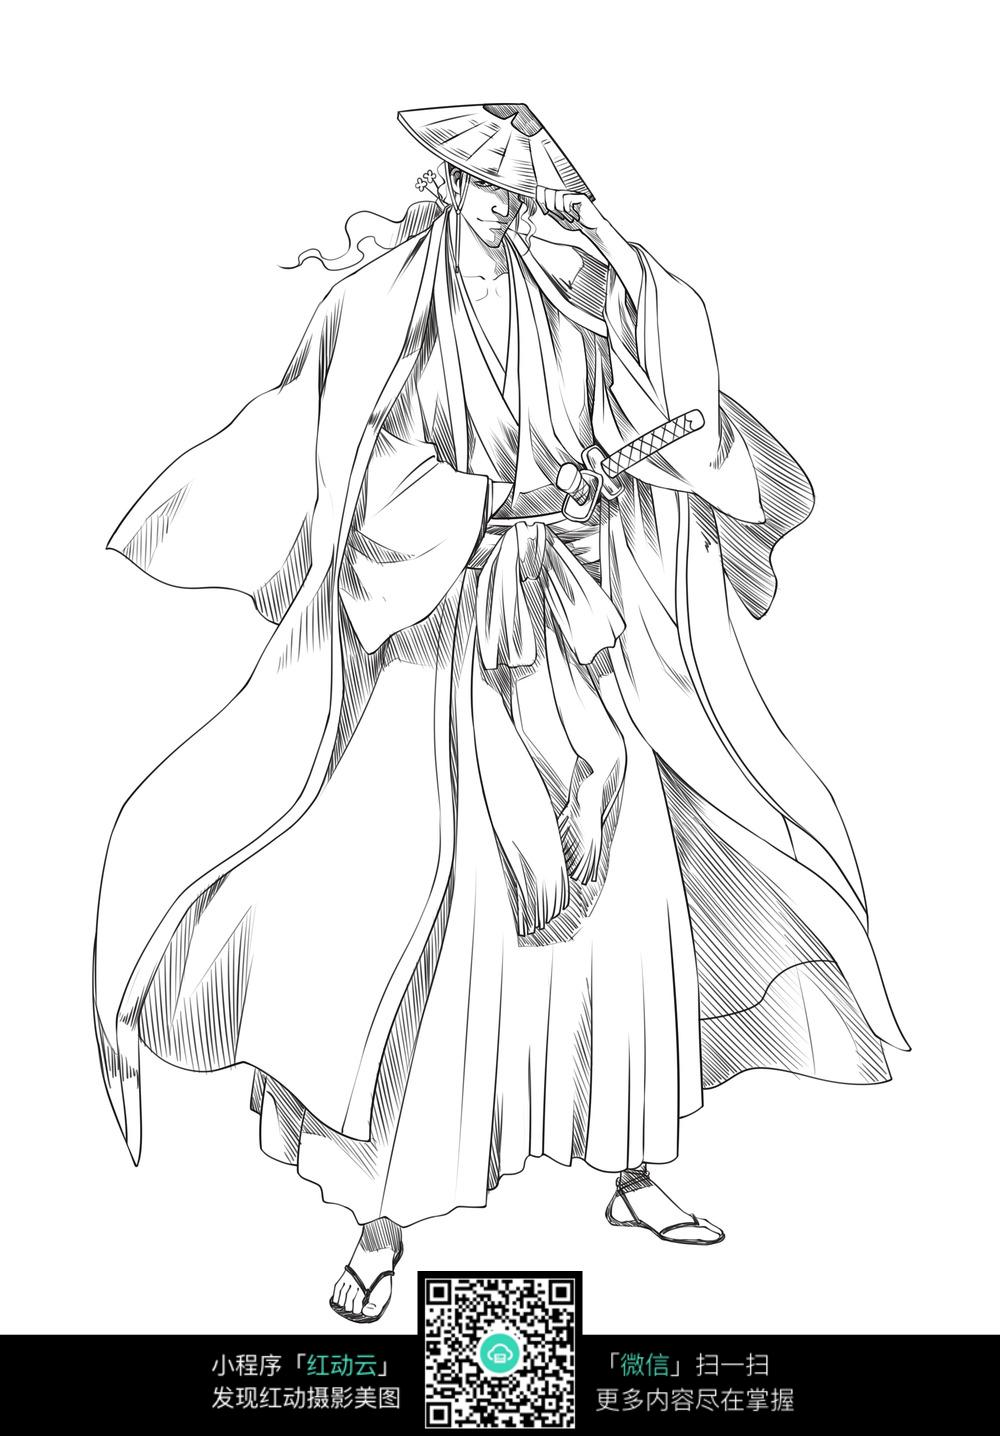 武士卡通手绘线稿图片免费下载 编号3689914 红动网